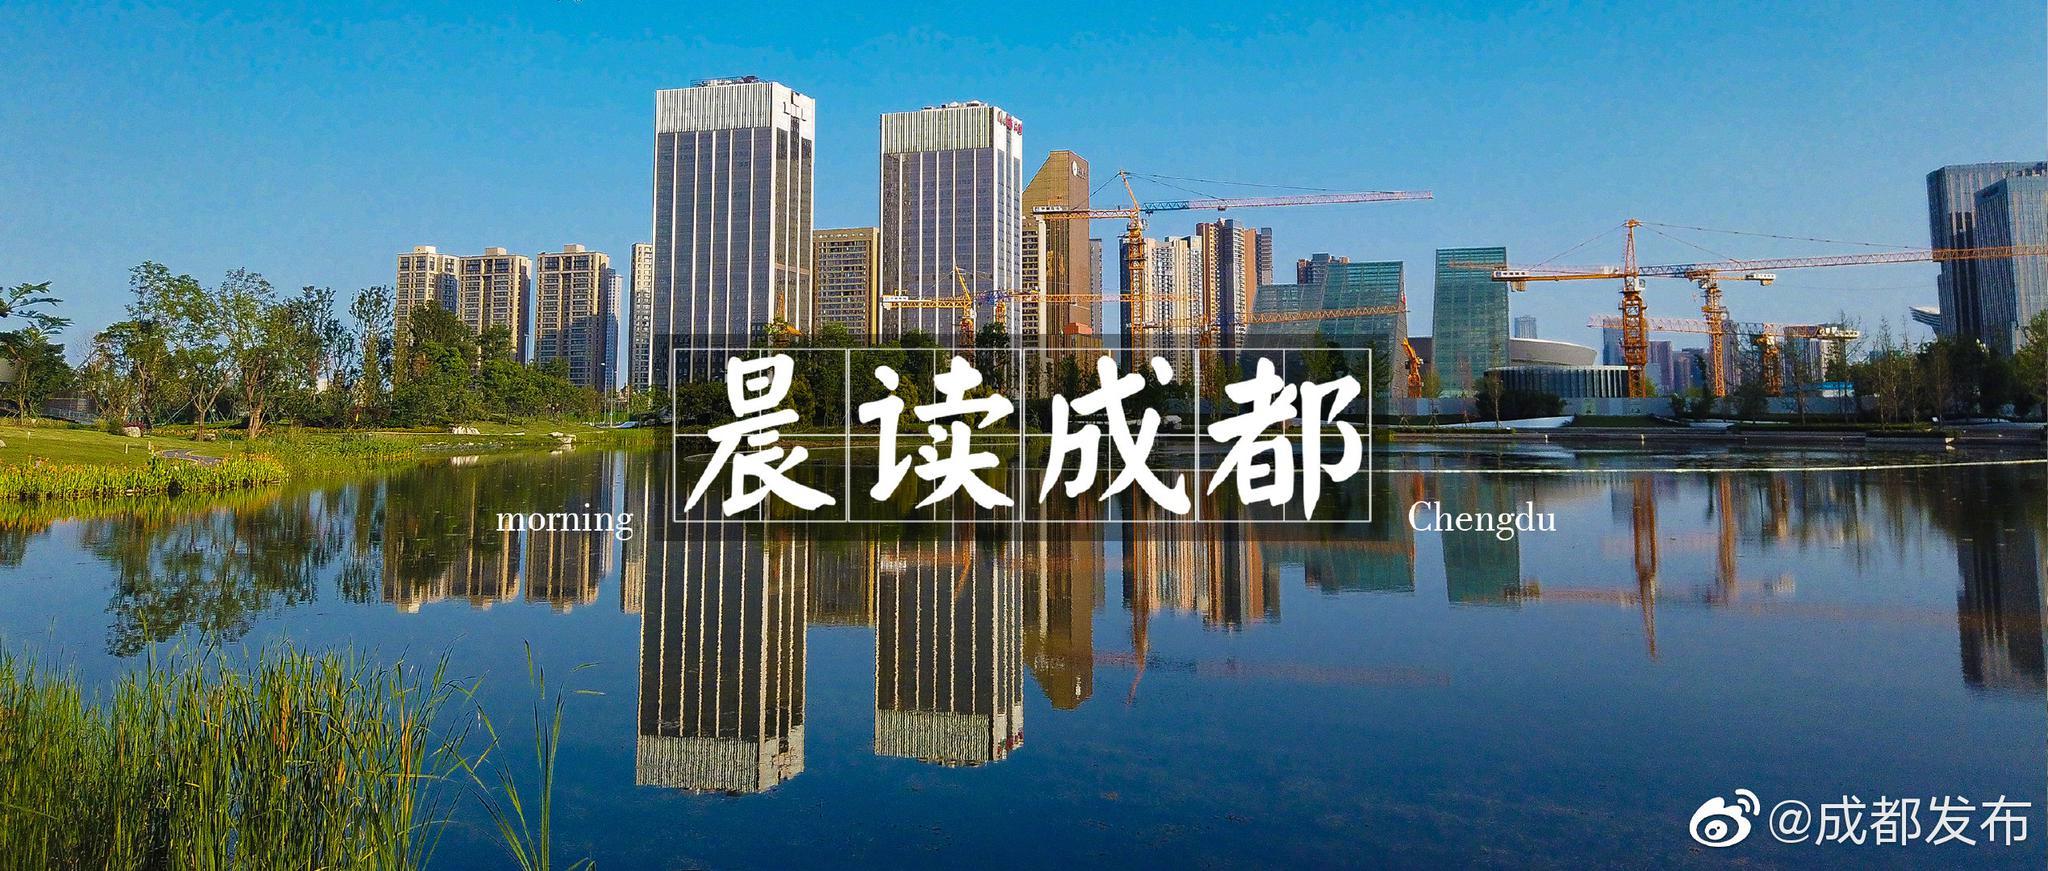 1、成都市教育局发布公告